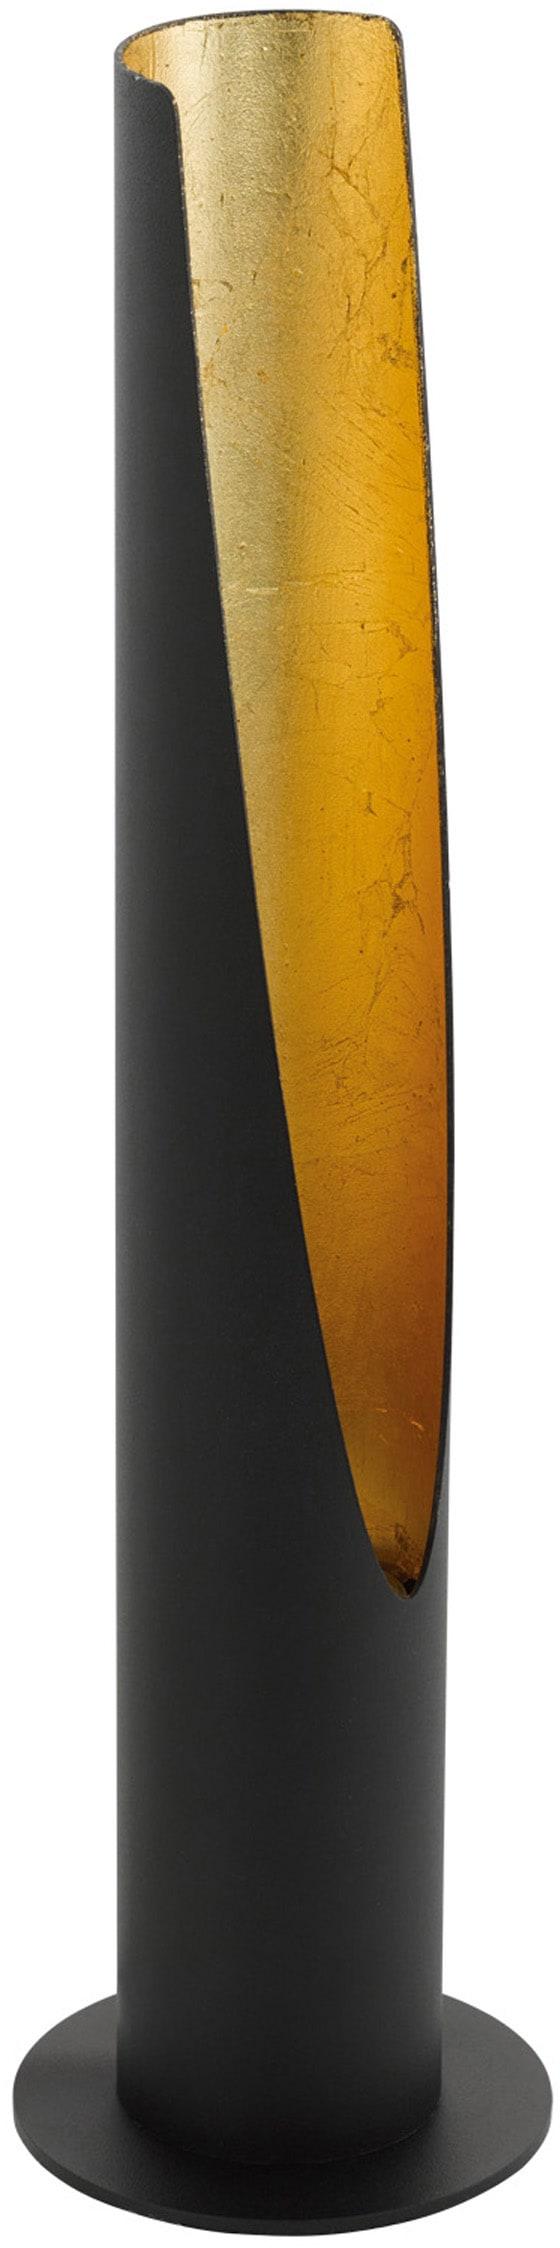 EGLO LED Tischleuchte BARBOTTO, LED-Board-GU10, Warmweiß